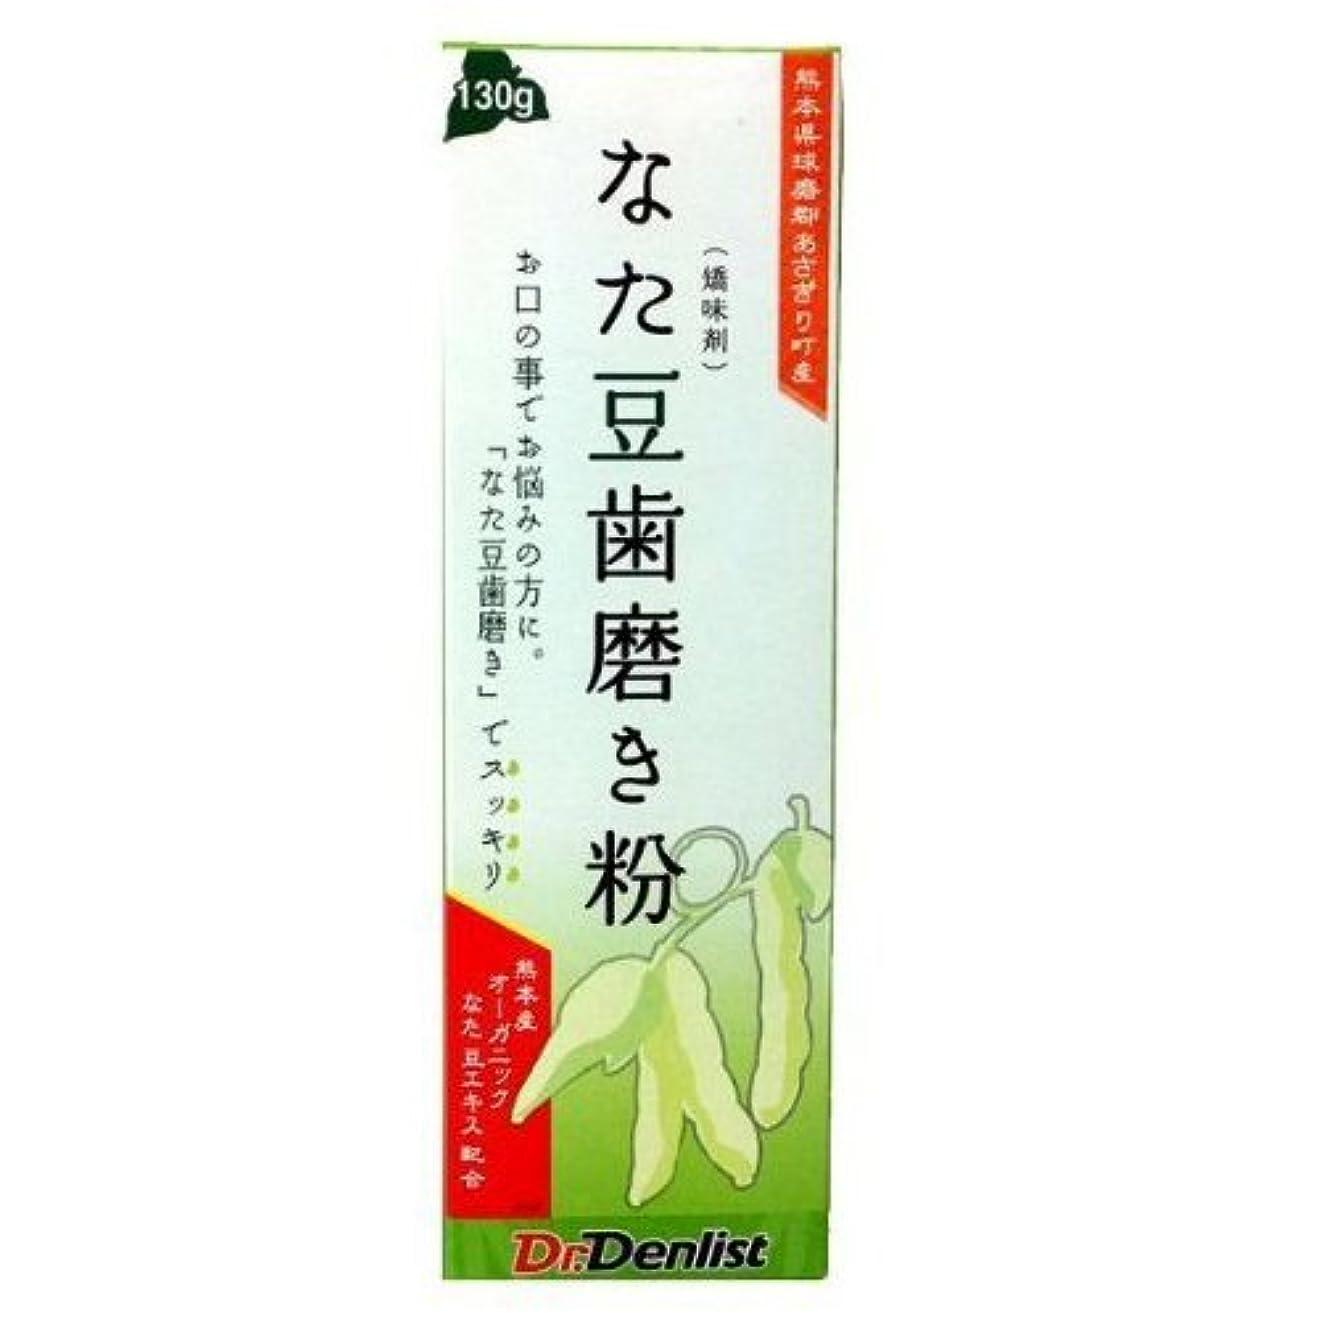 可能にするトイレ大学なた豆歯磨き粉 国産 130g 熊本県球磨郡あさぎり町産